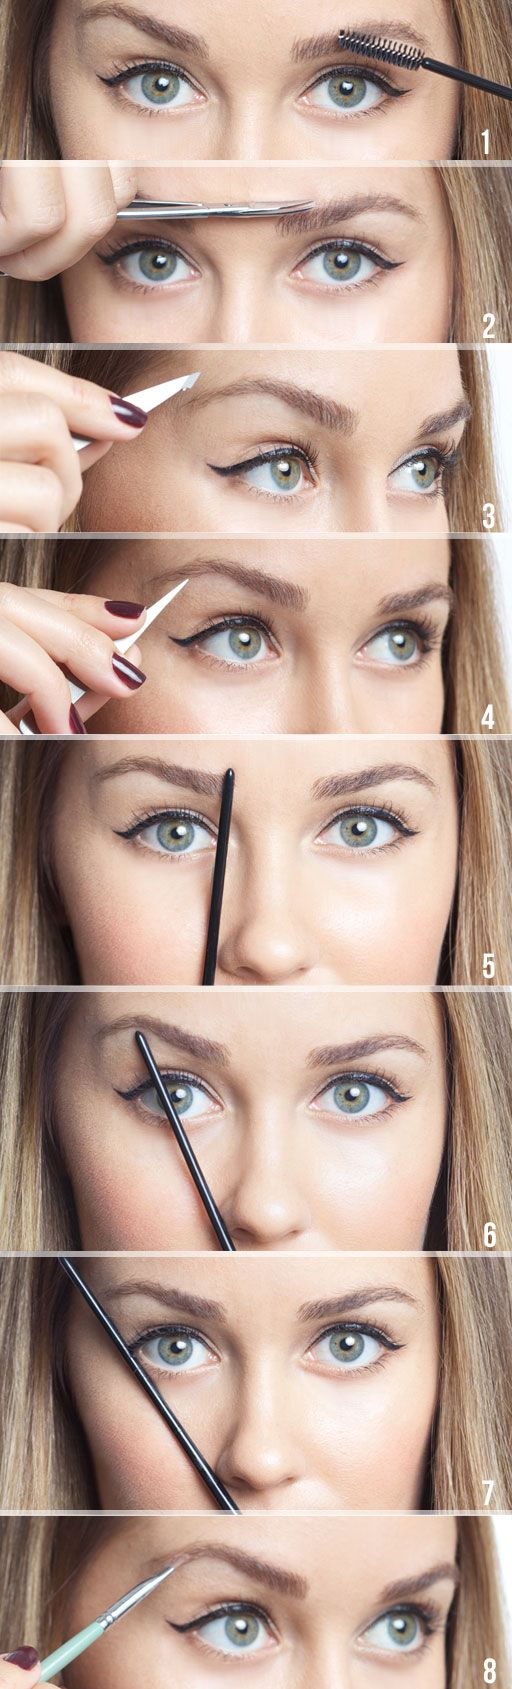 Beauty training: Wenkbrauwen epileren | Budgi